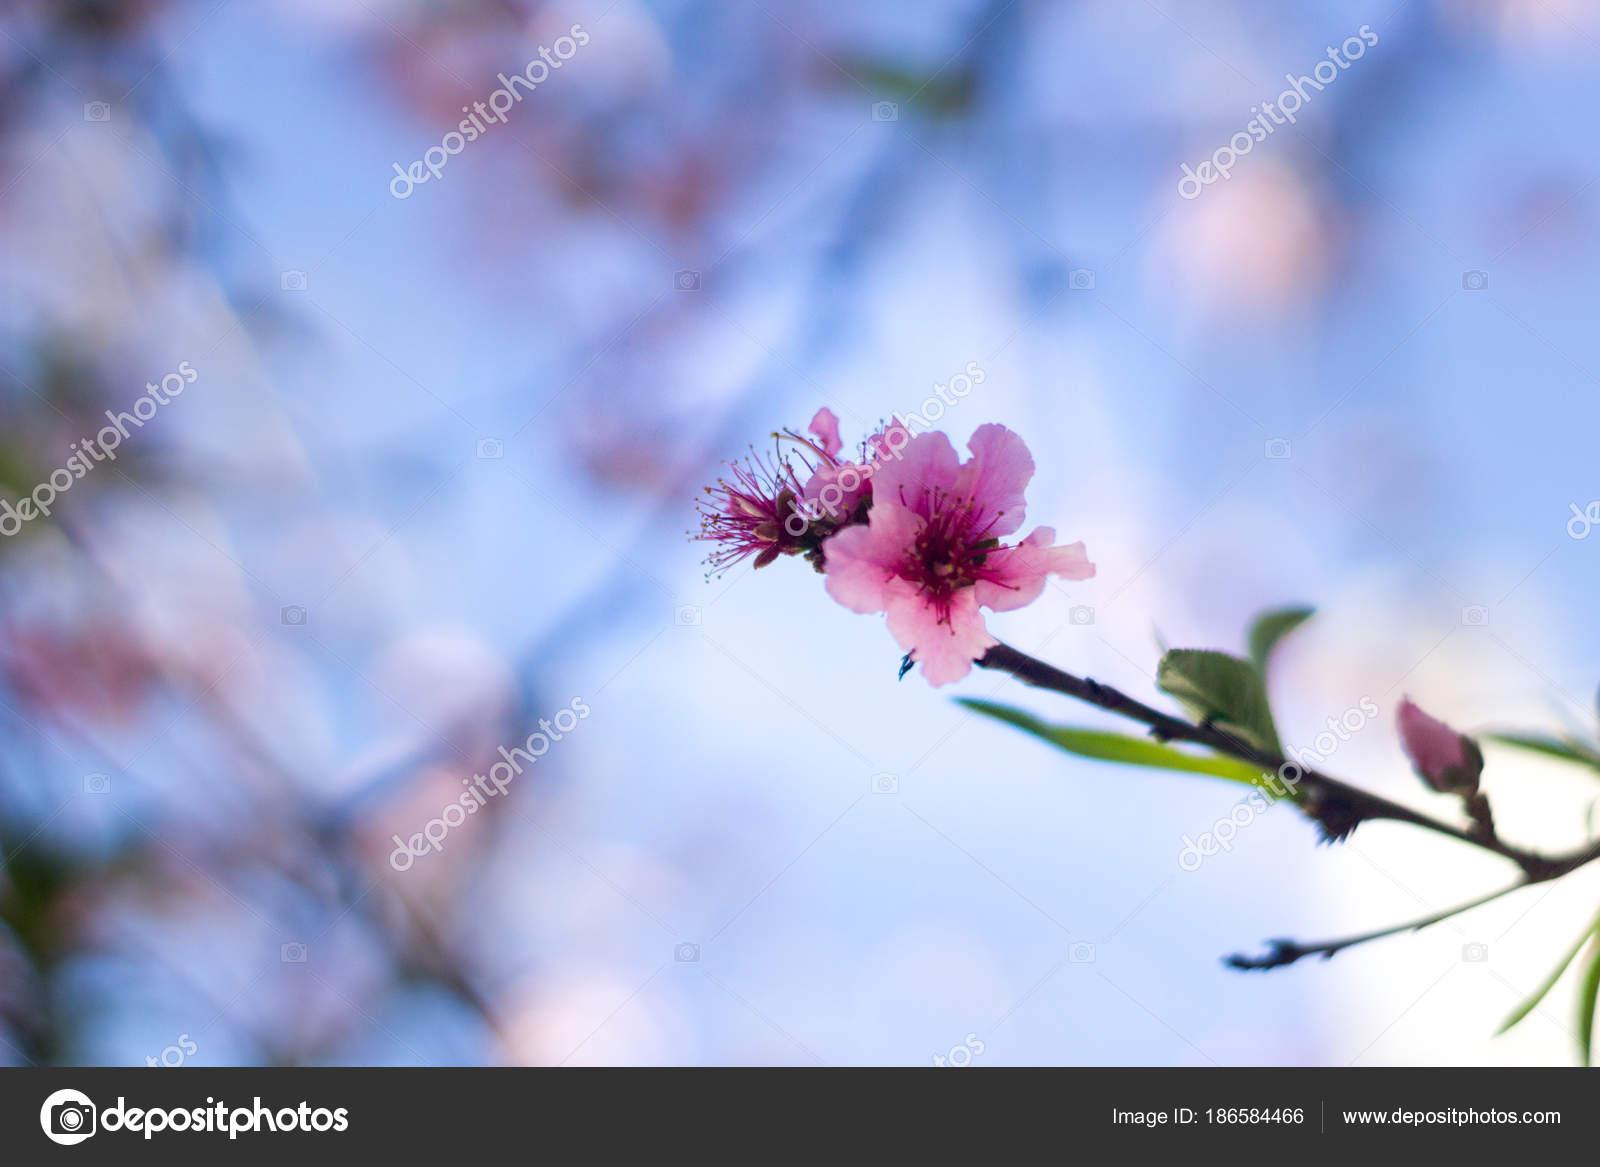 Chiuda Della Rosa Fiori Pesco Sfondo Blu Cielo Foto Stock